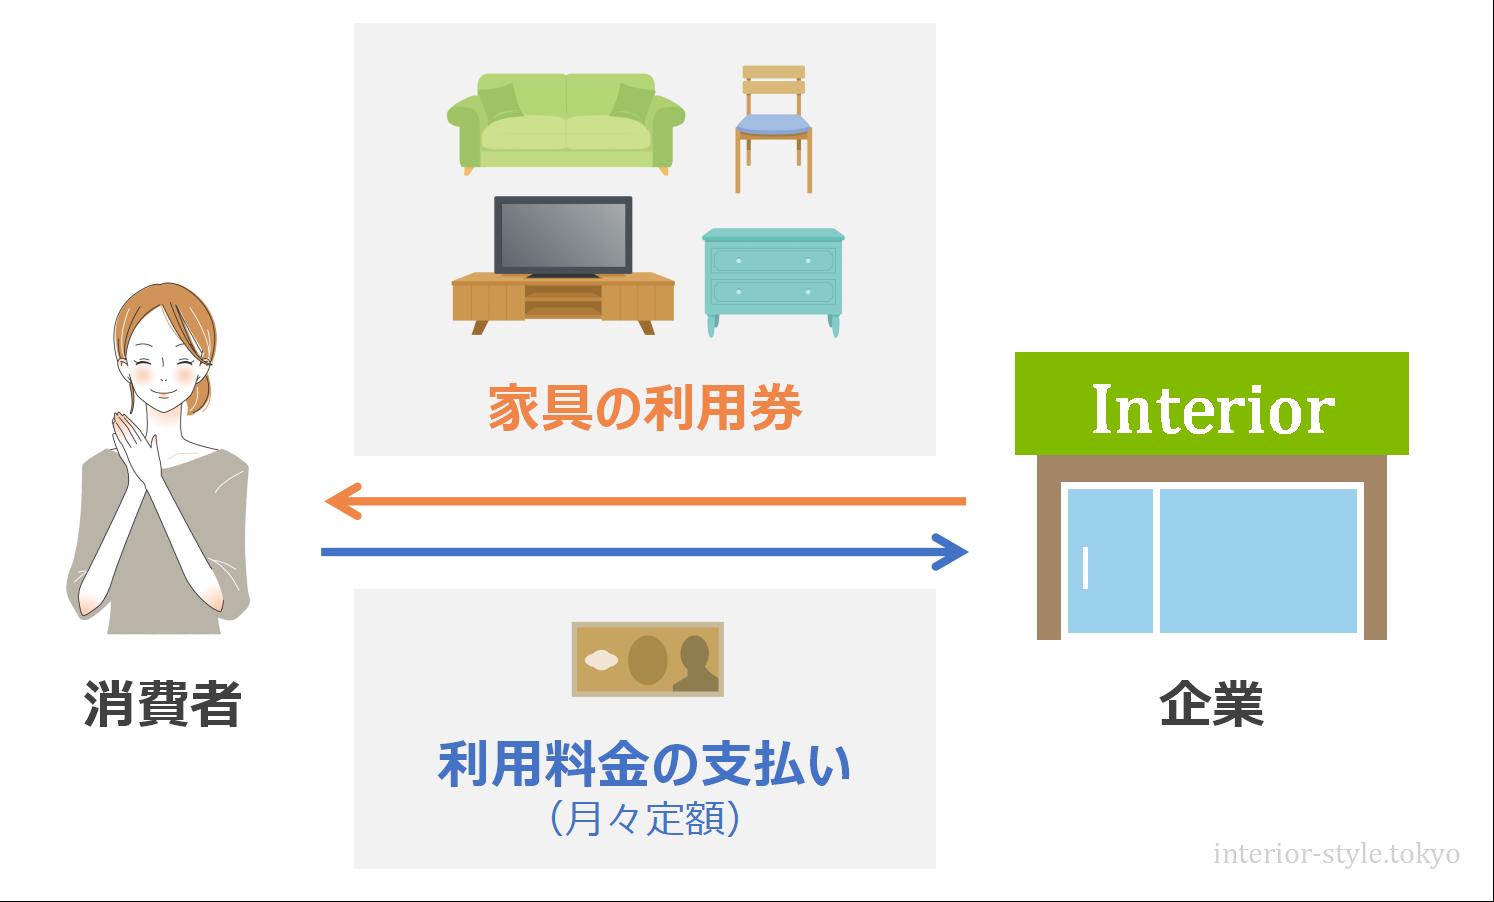 家具のサブスクのイメージ